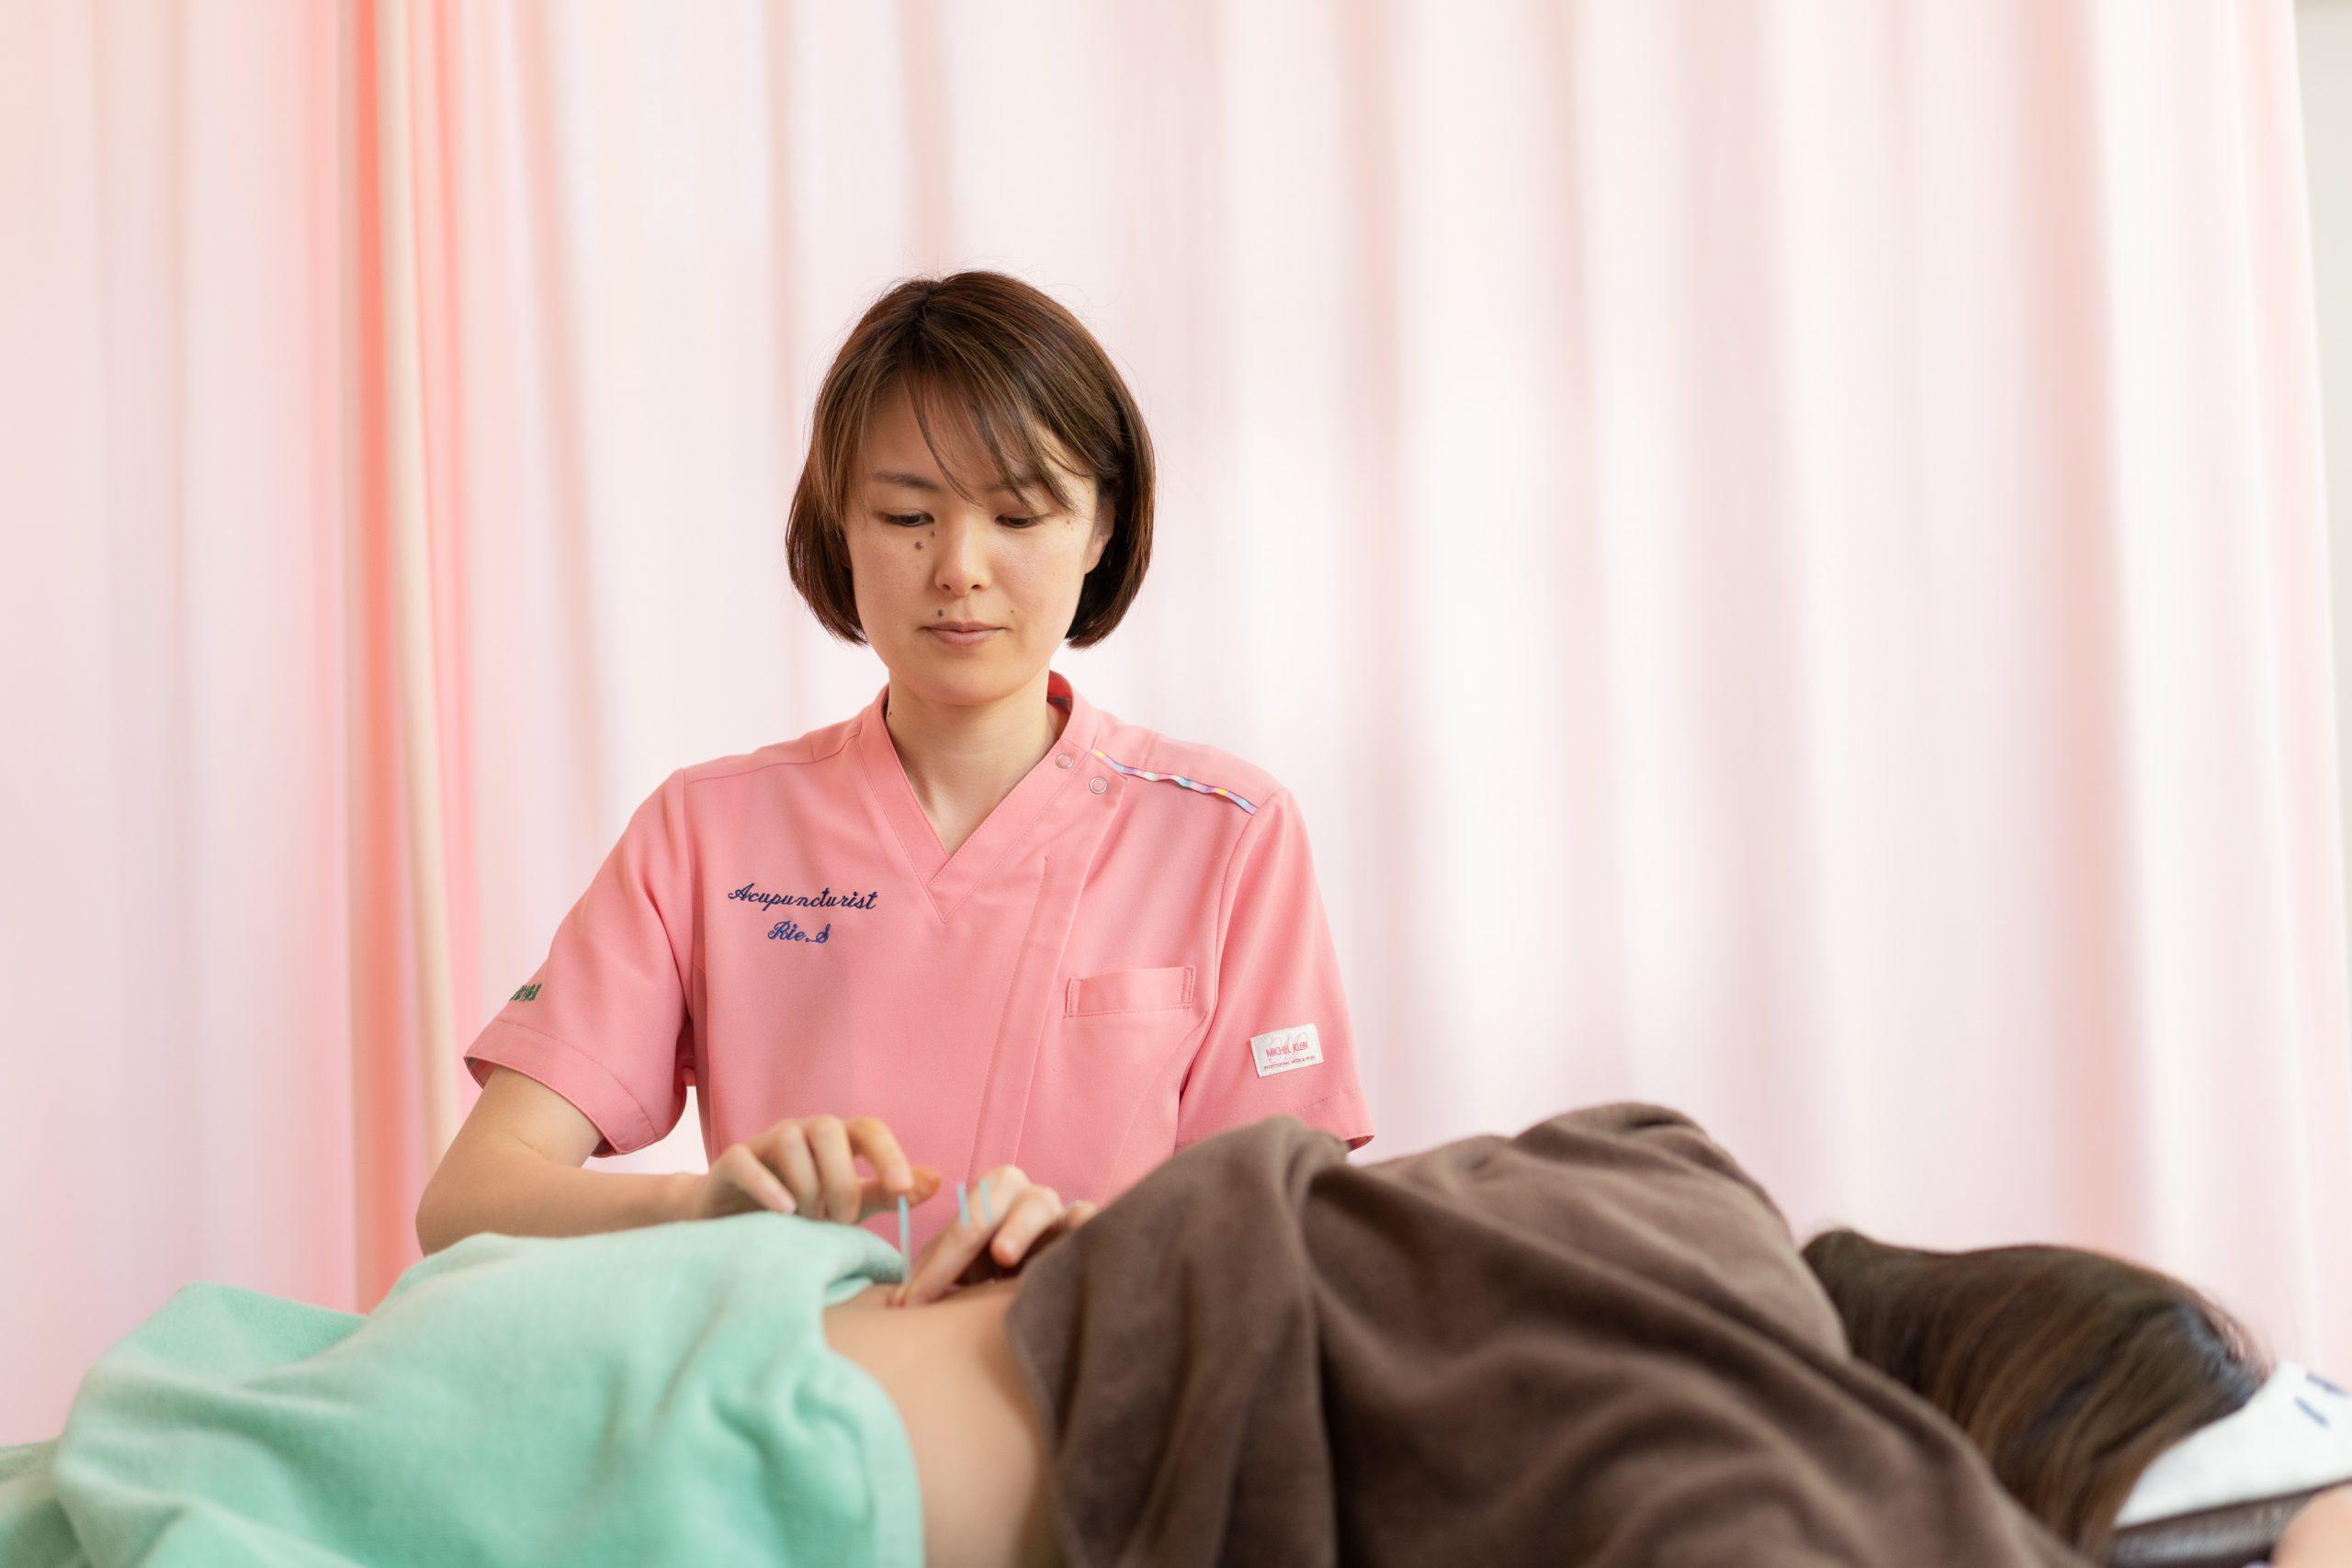 生理痛・PMS症候群を解消する鍼灸治療 太白区・長町南